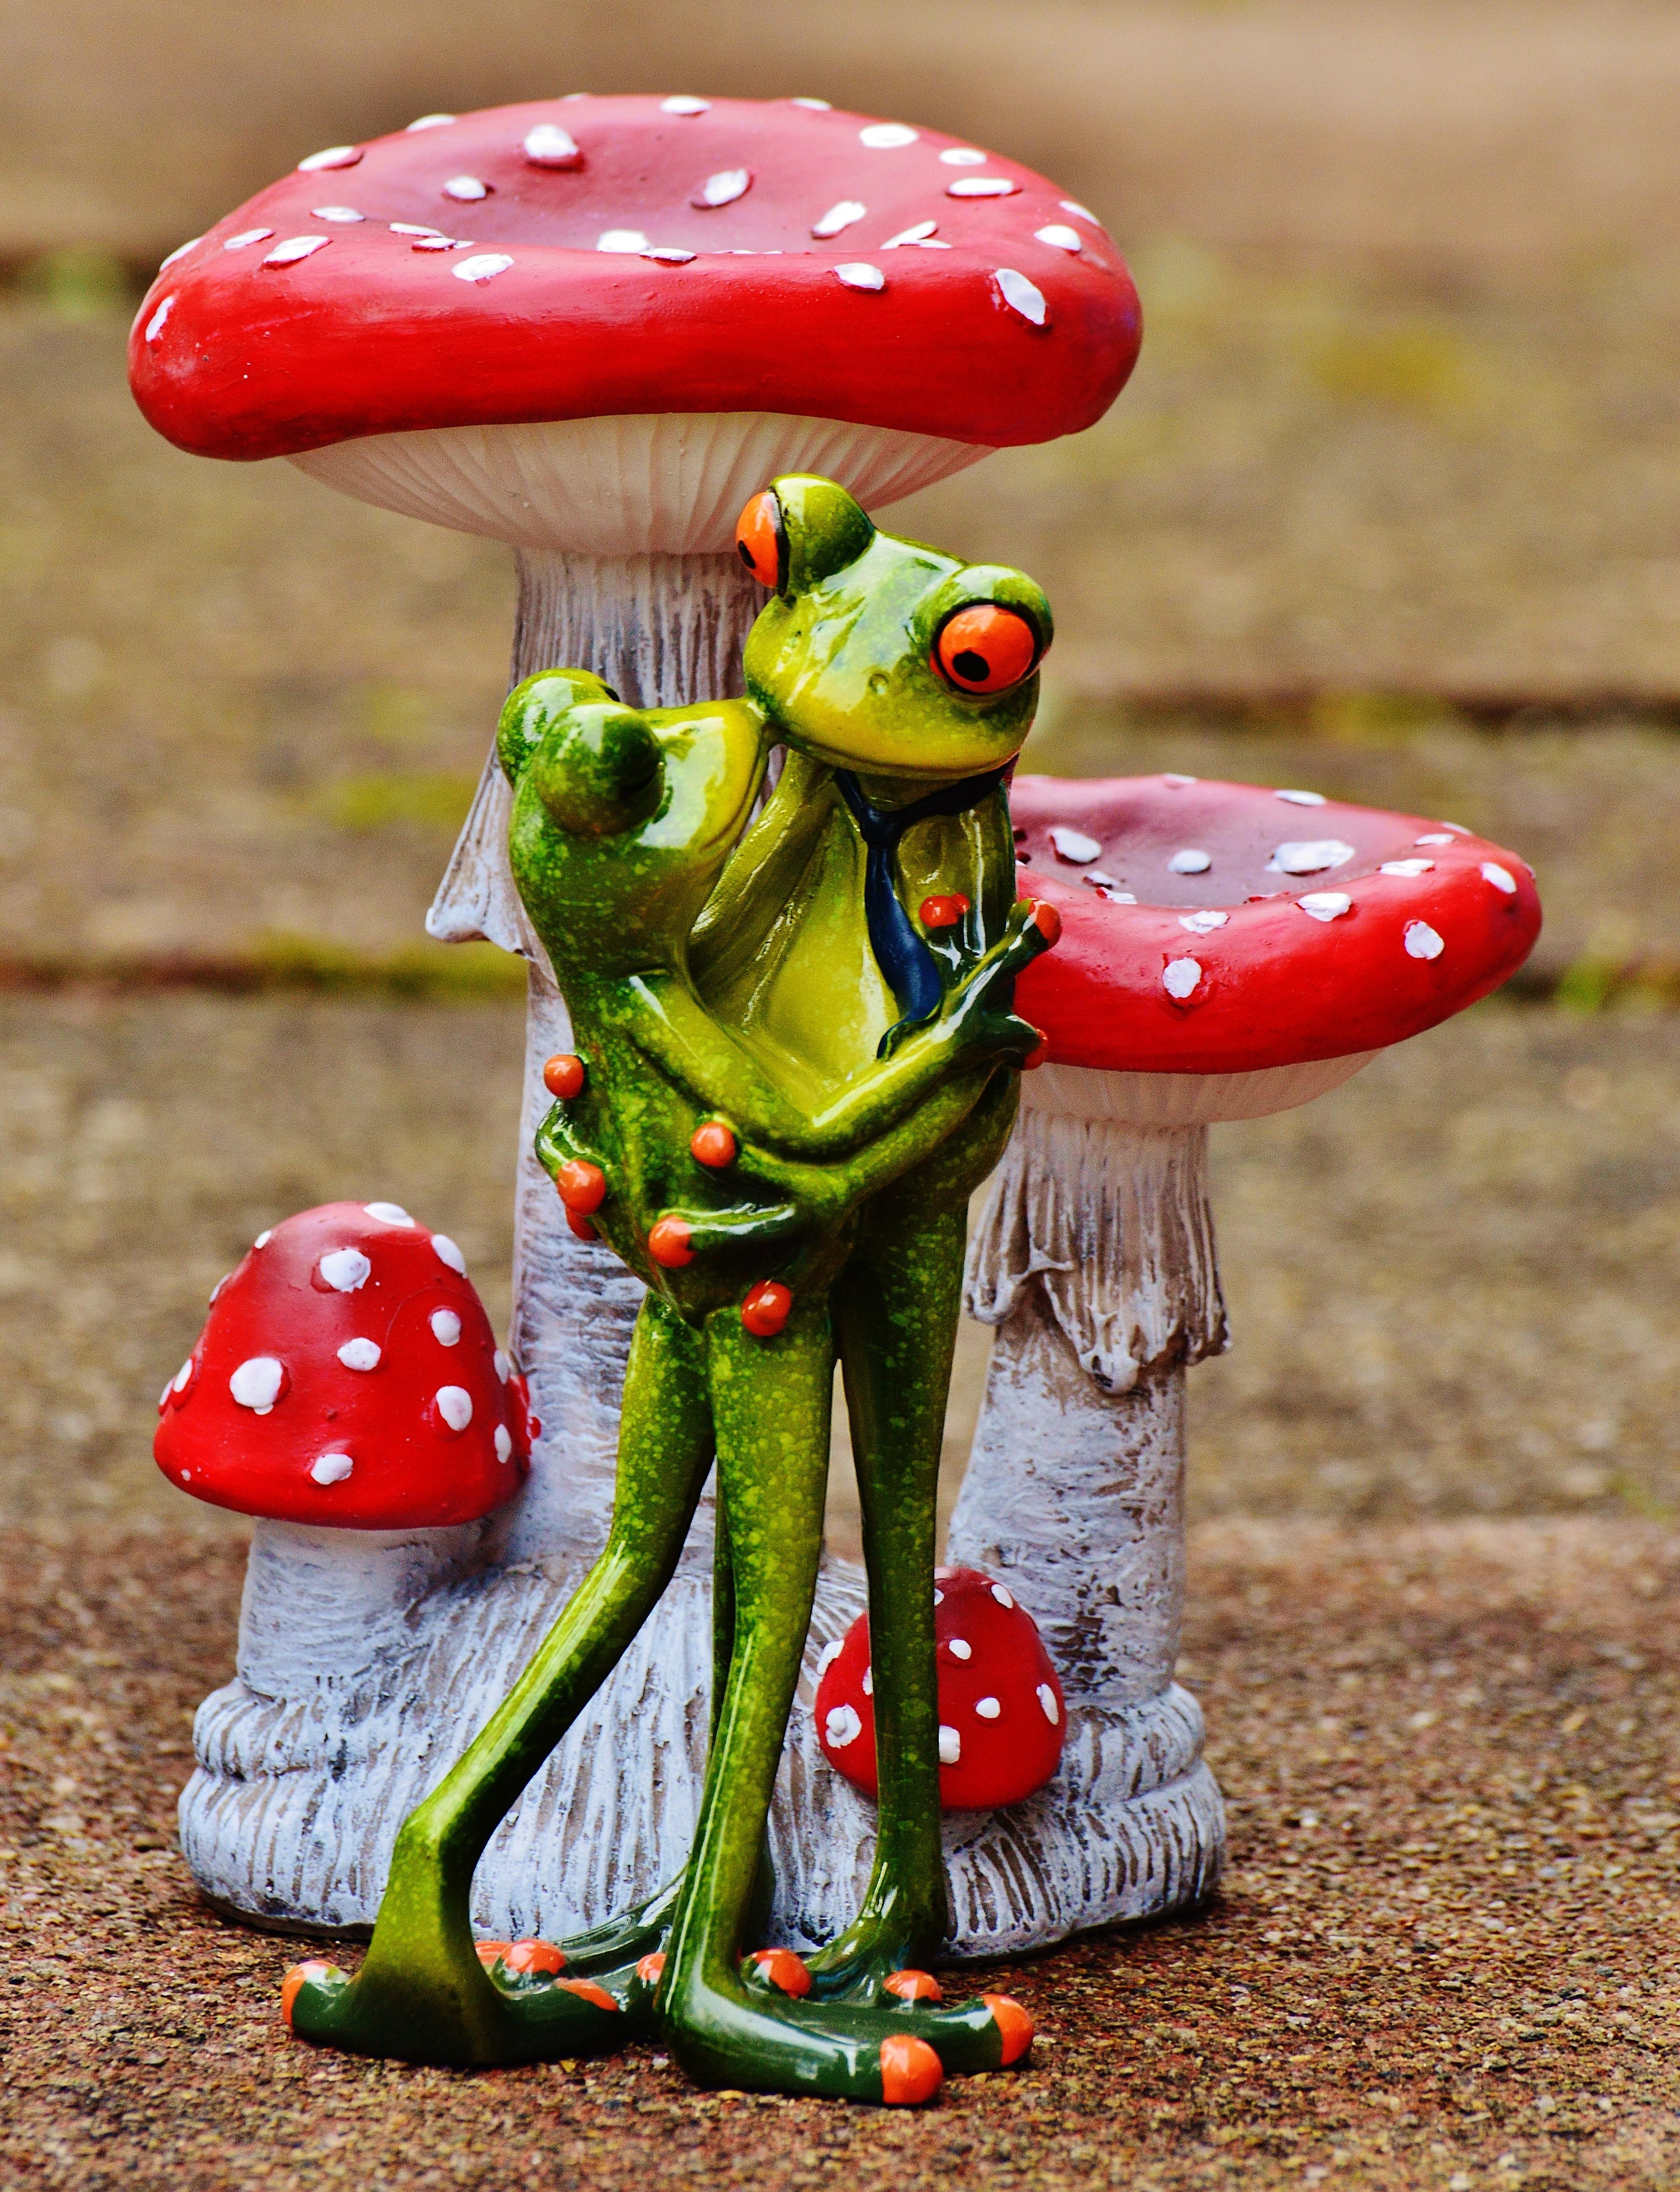 Gambar Imut Cinta Hijau Merah Warna Ciuman Bersama